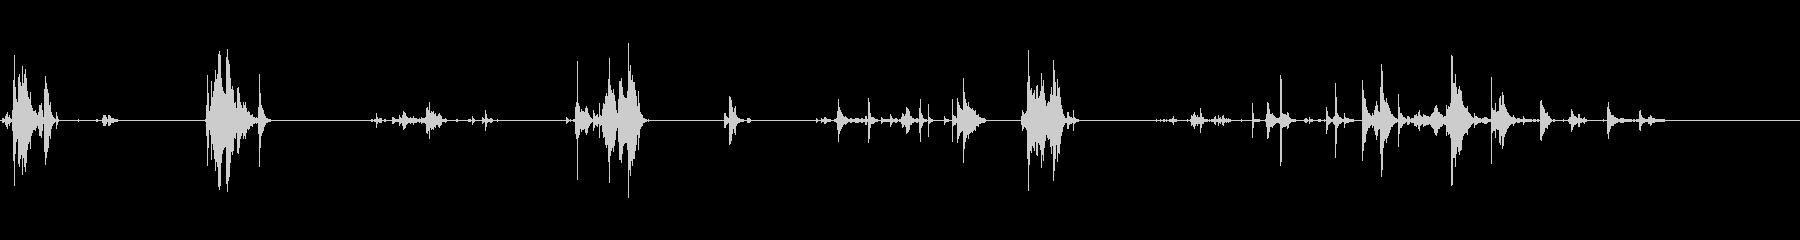 楽器スパナの動き多くのx4の未再生の波形